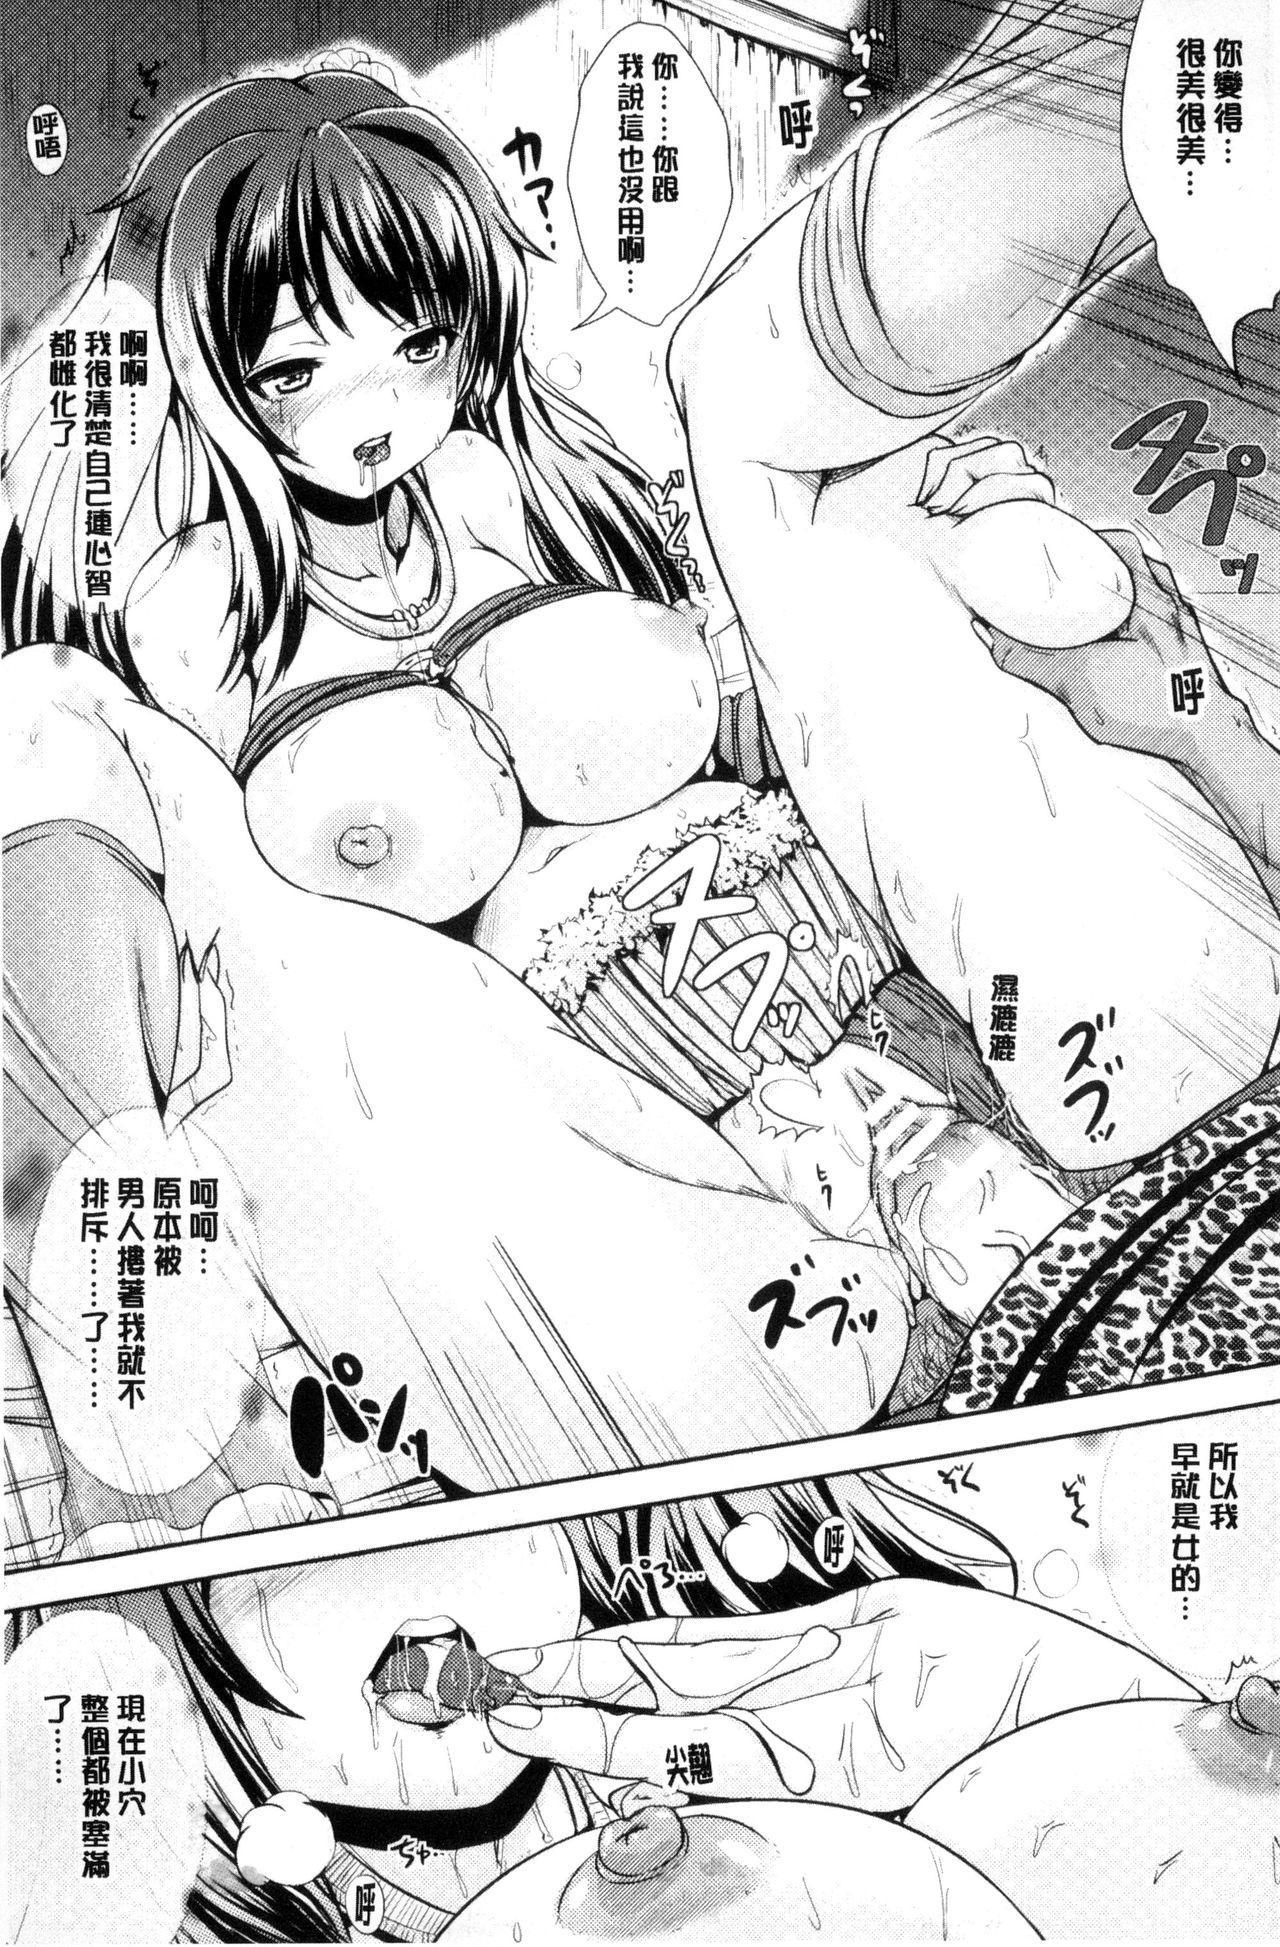 [Marneko] Onnanoko Supple ~Seitenkan Shite Hoken no Jugyou~   女孩子補給品 性轉換之後保健的授業 [Chinese] 96